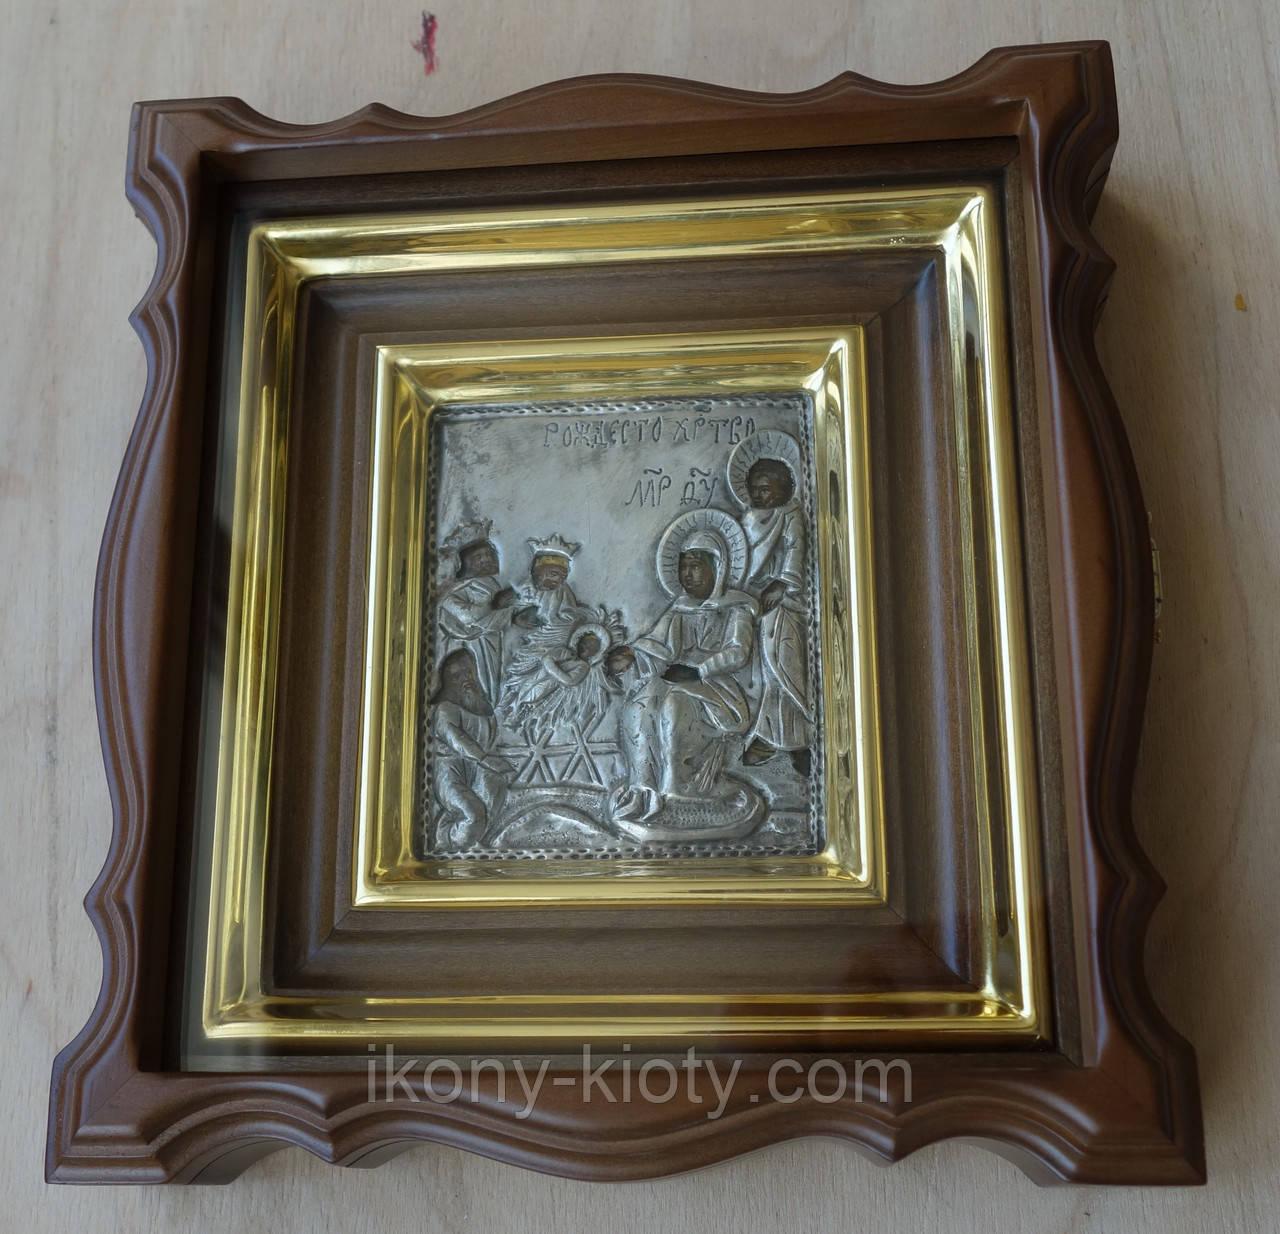 Миниатюрный фигурный киот с деревянной внутренней рамкой и золочёными штапиками для старинной иконы с окладом.